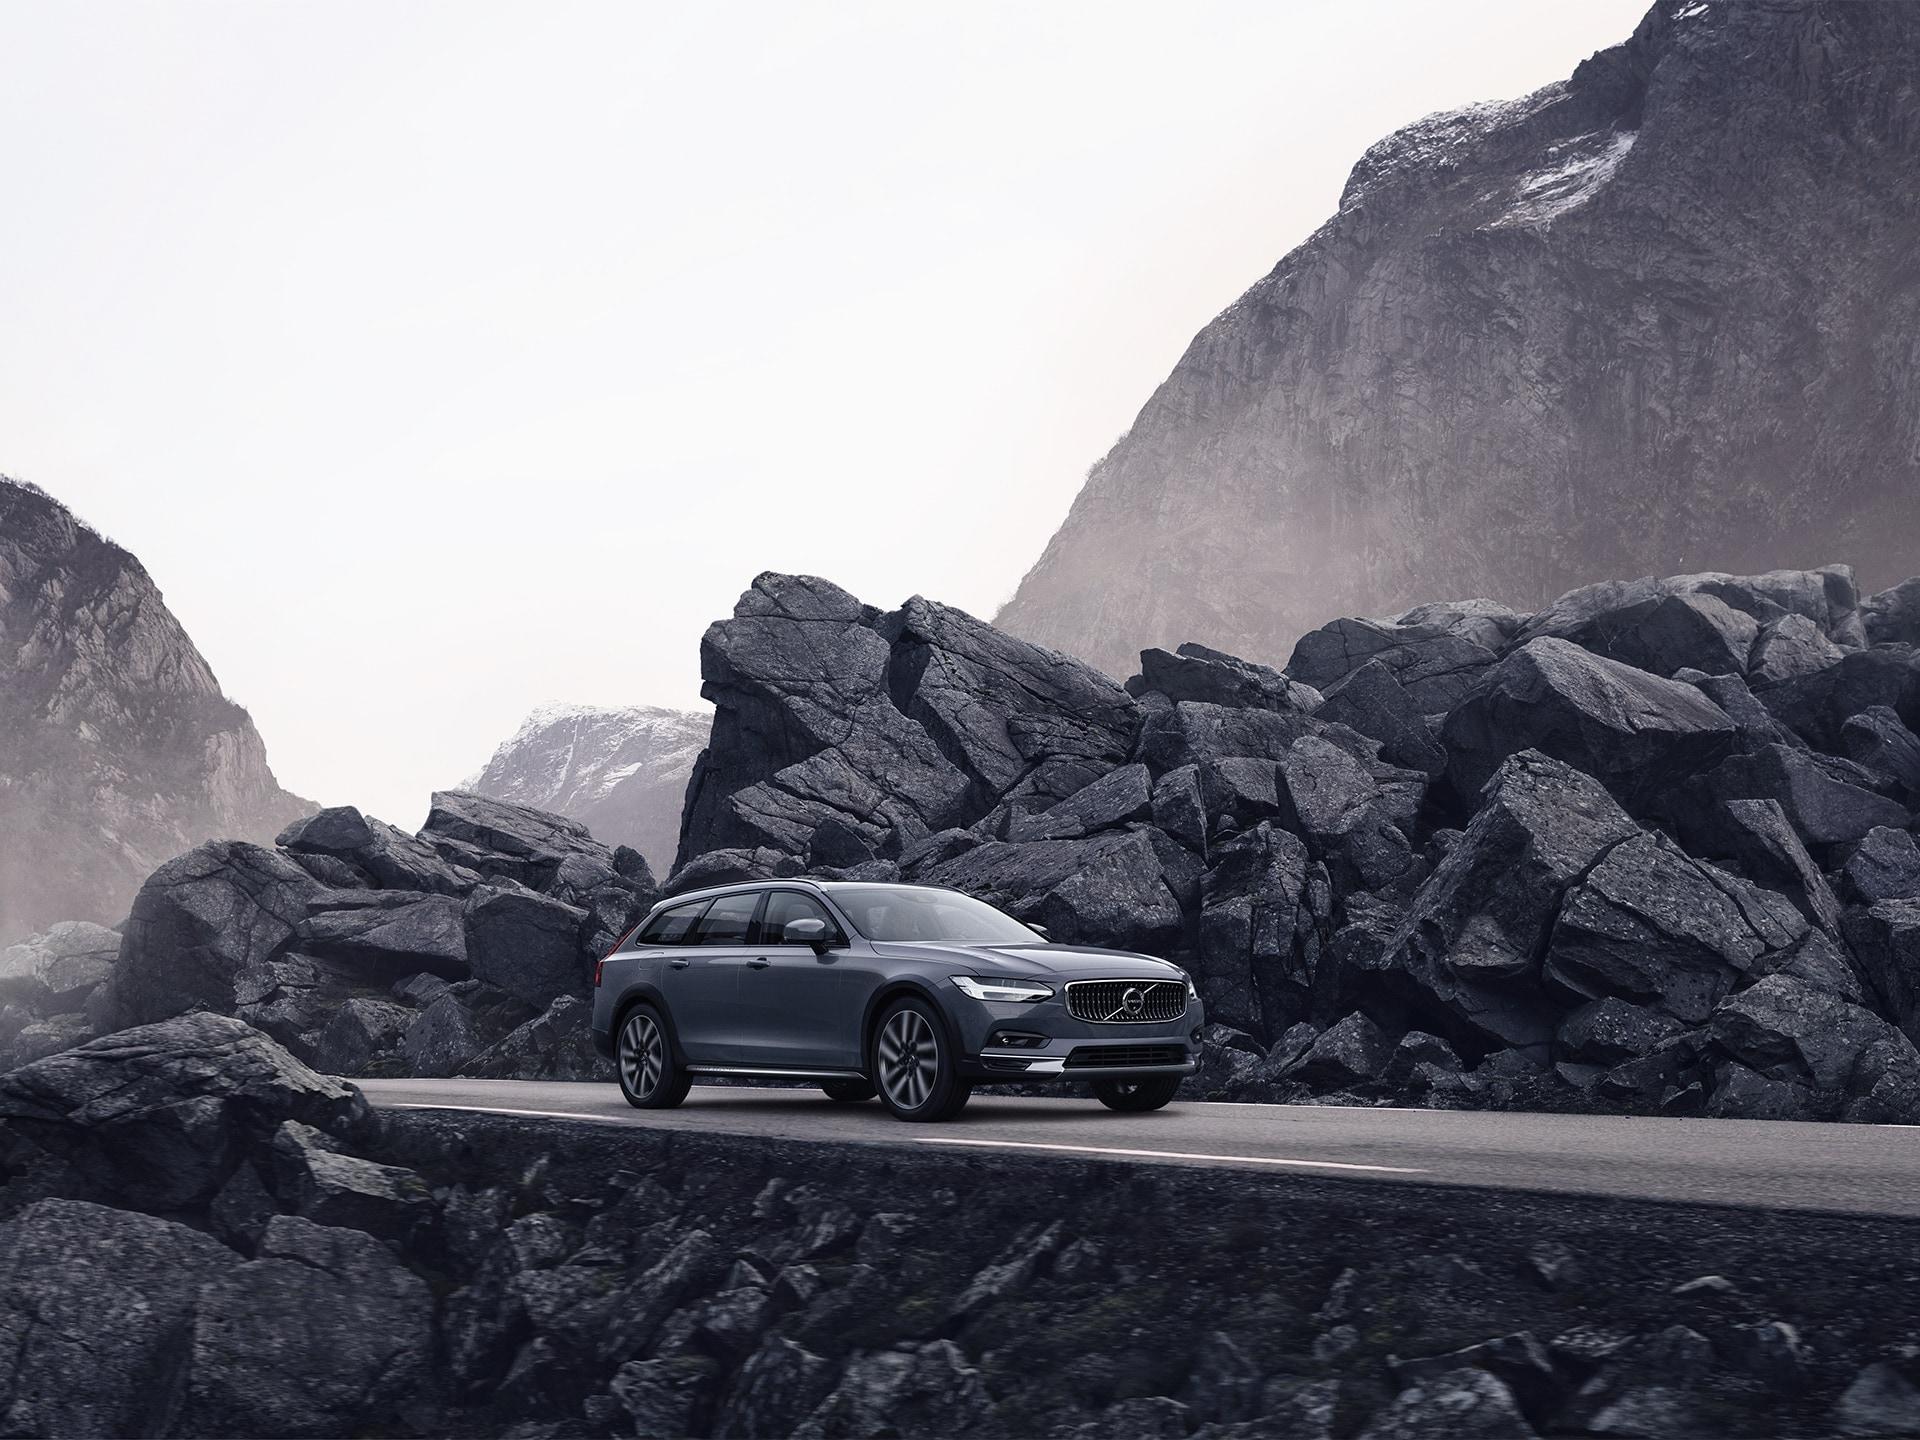 Grár Volvo ekur eftir vegi með stórgrýti til beggja hliða